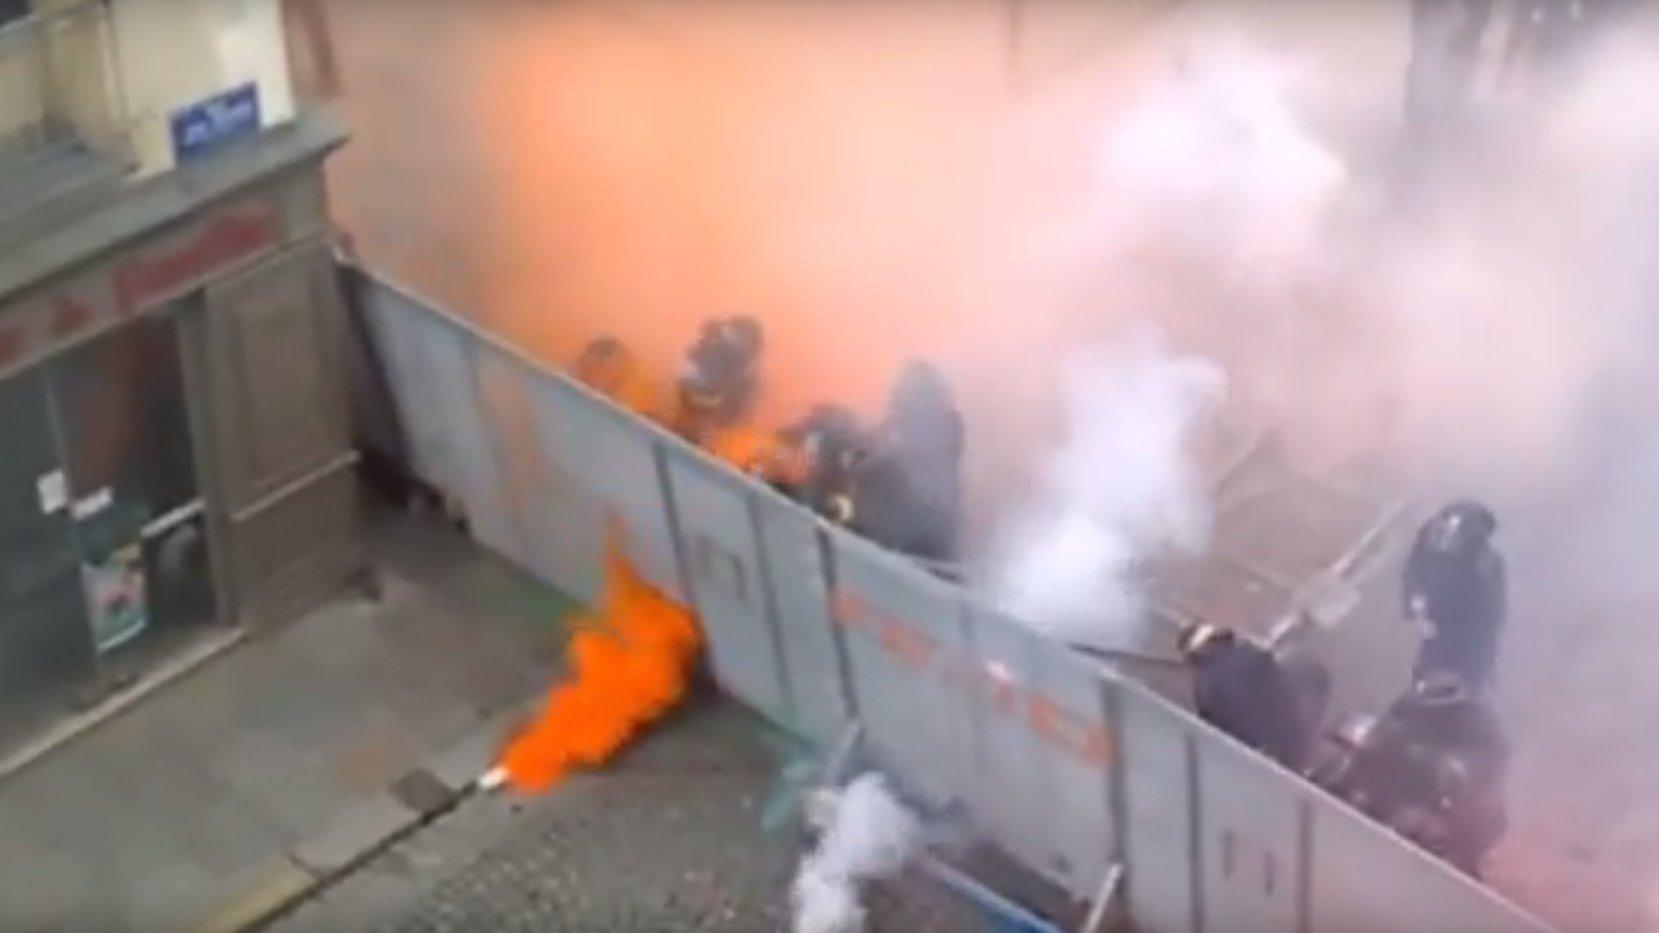 Flash: Ausschreitungen in Frankreich nach Protesten gegen Arbeitsreform